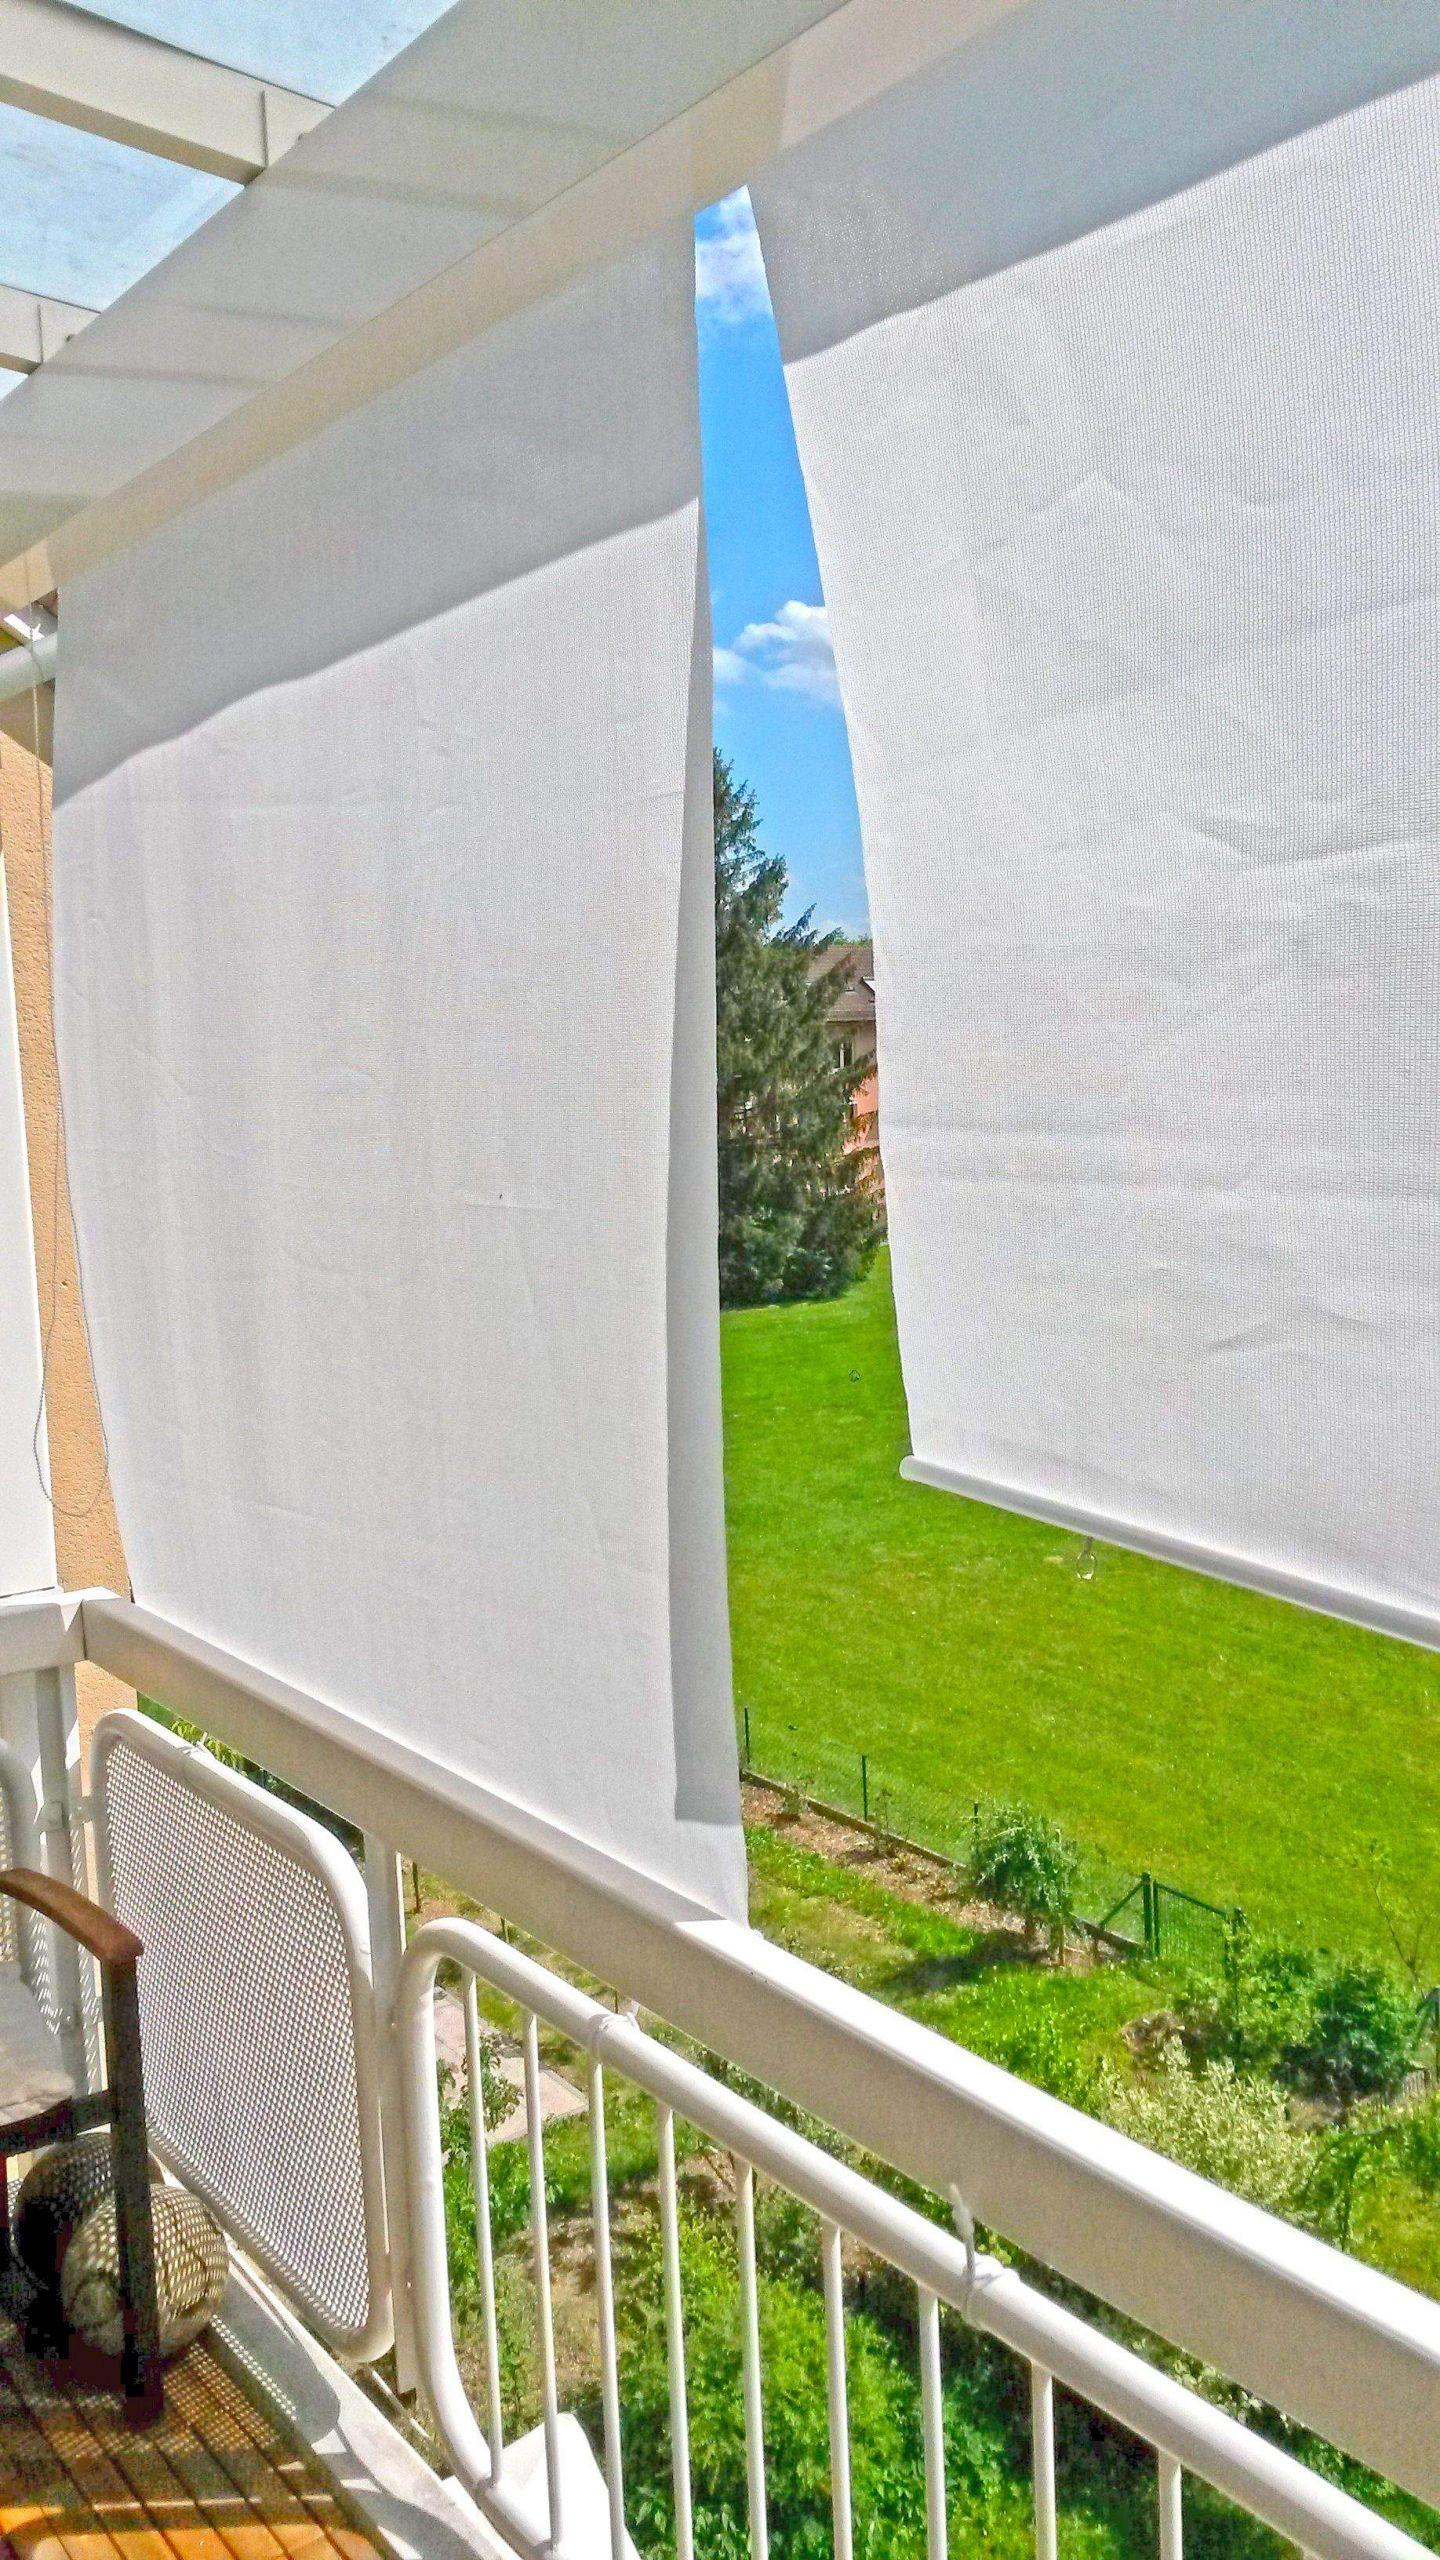 Full Size of Paravent Balkon Ikea 28 Einzigartig Garten Frisch Anlegen Betten 160x200 Küche Kaufen Kosten Miniküche Sofa Mit Schlaffunktion Bei Modulküche Wohnzimmer Paravent Balkon Ikea